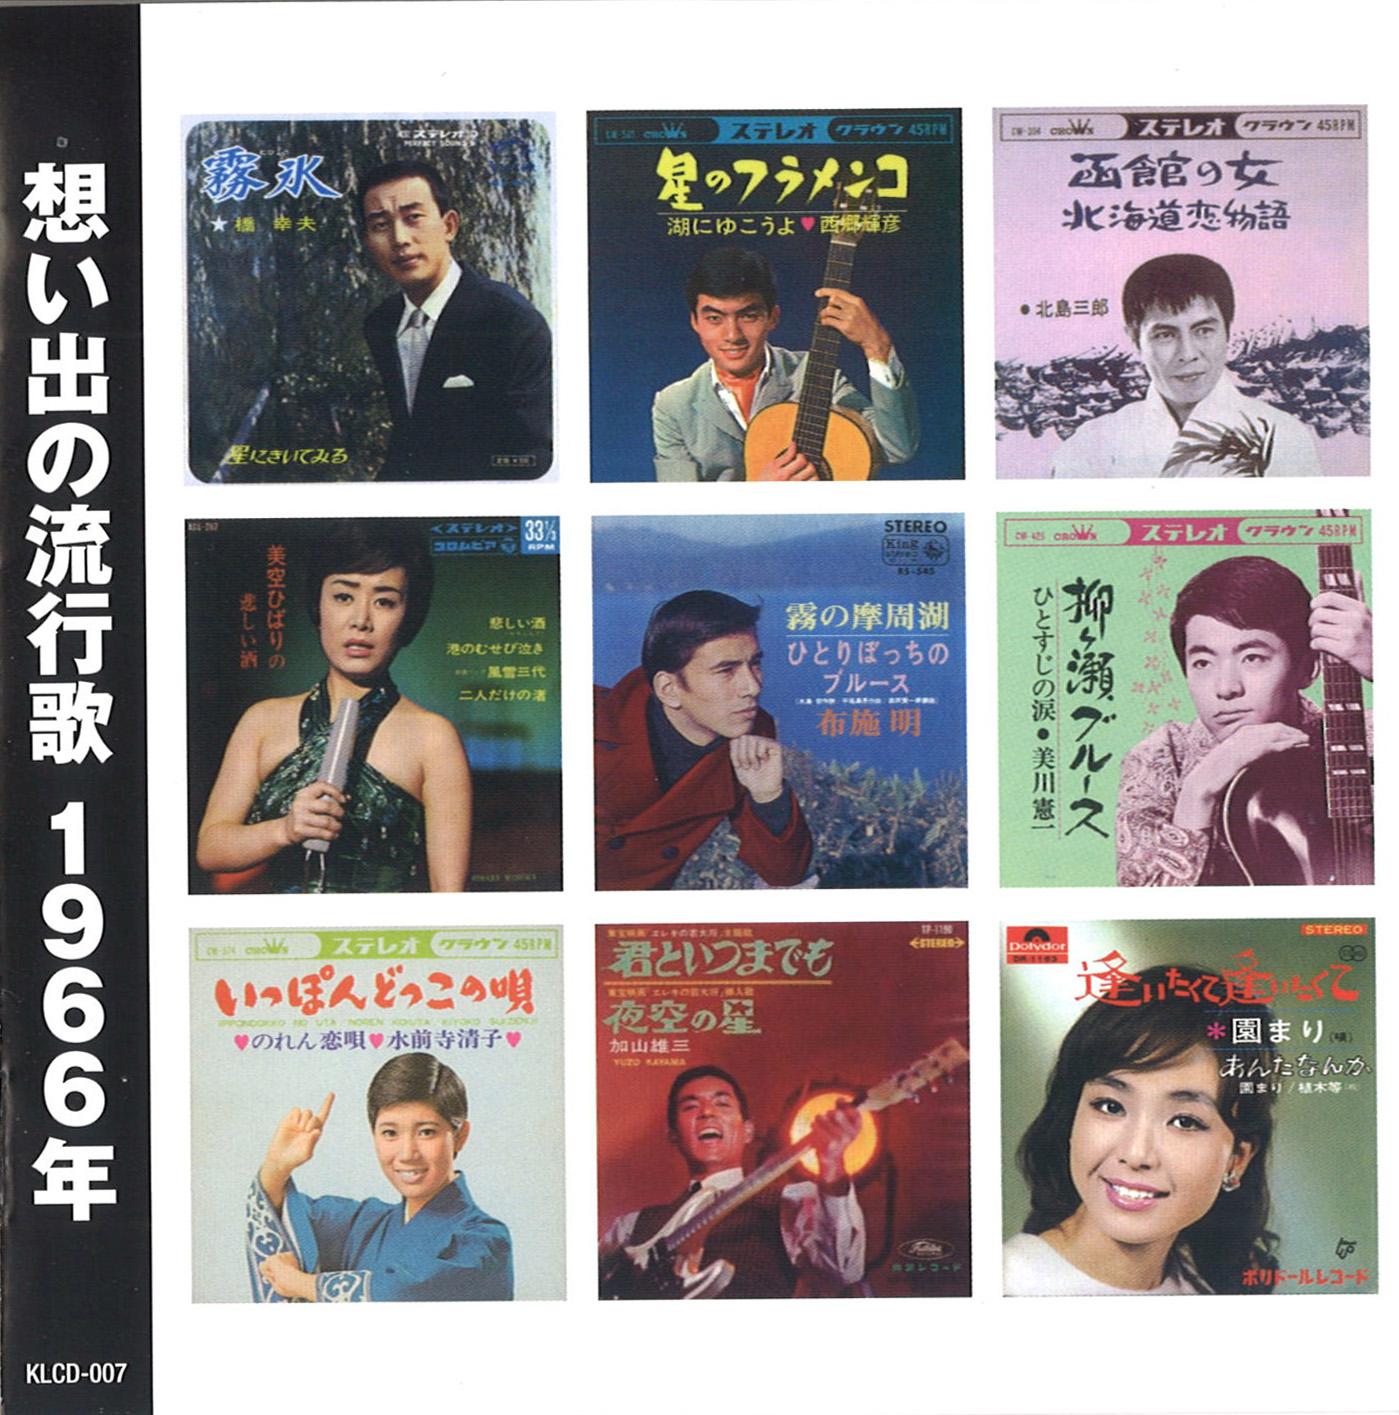 KEEP株式会社/想い出の流行歌 1966年<昭和41年>